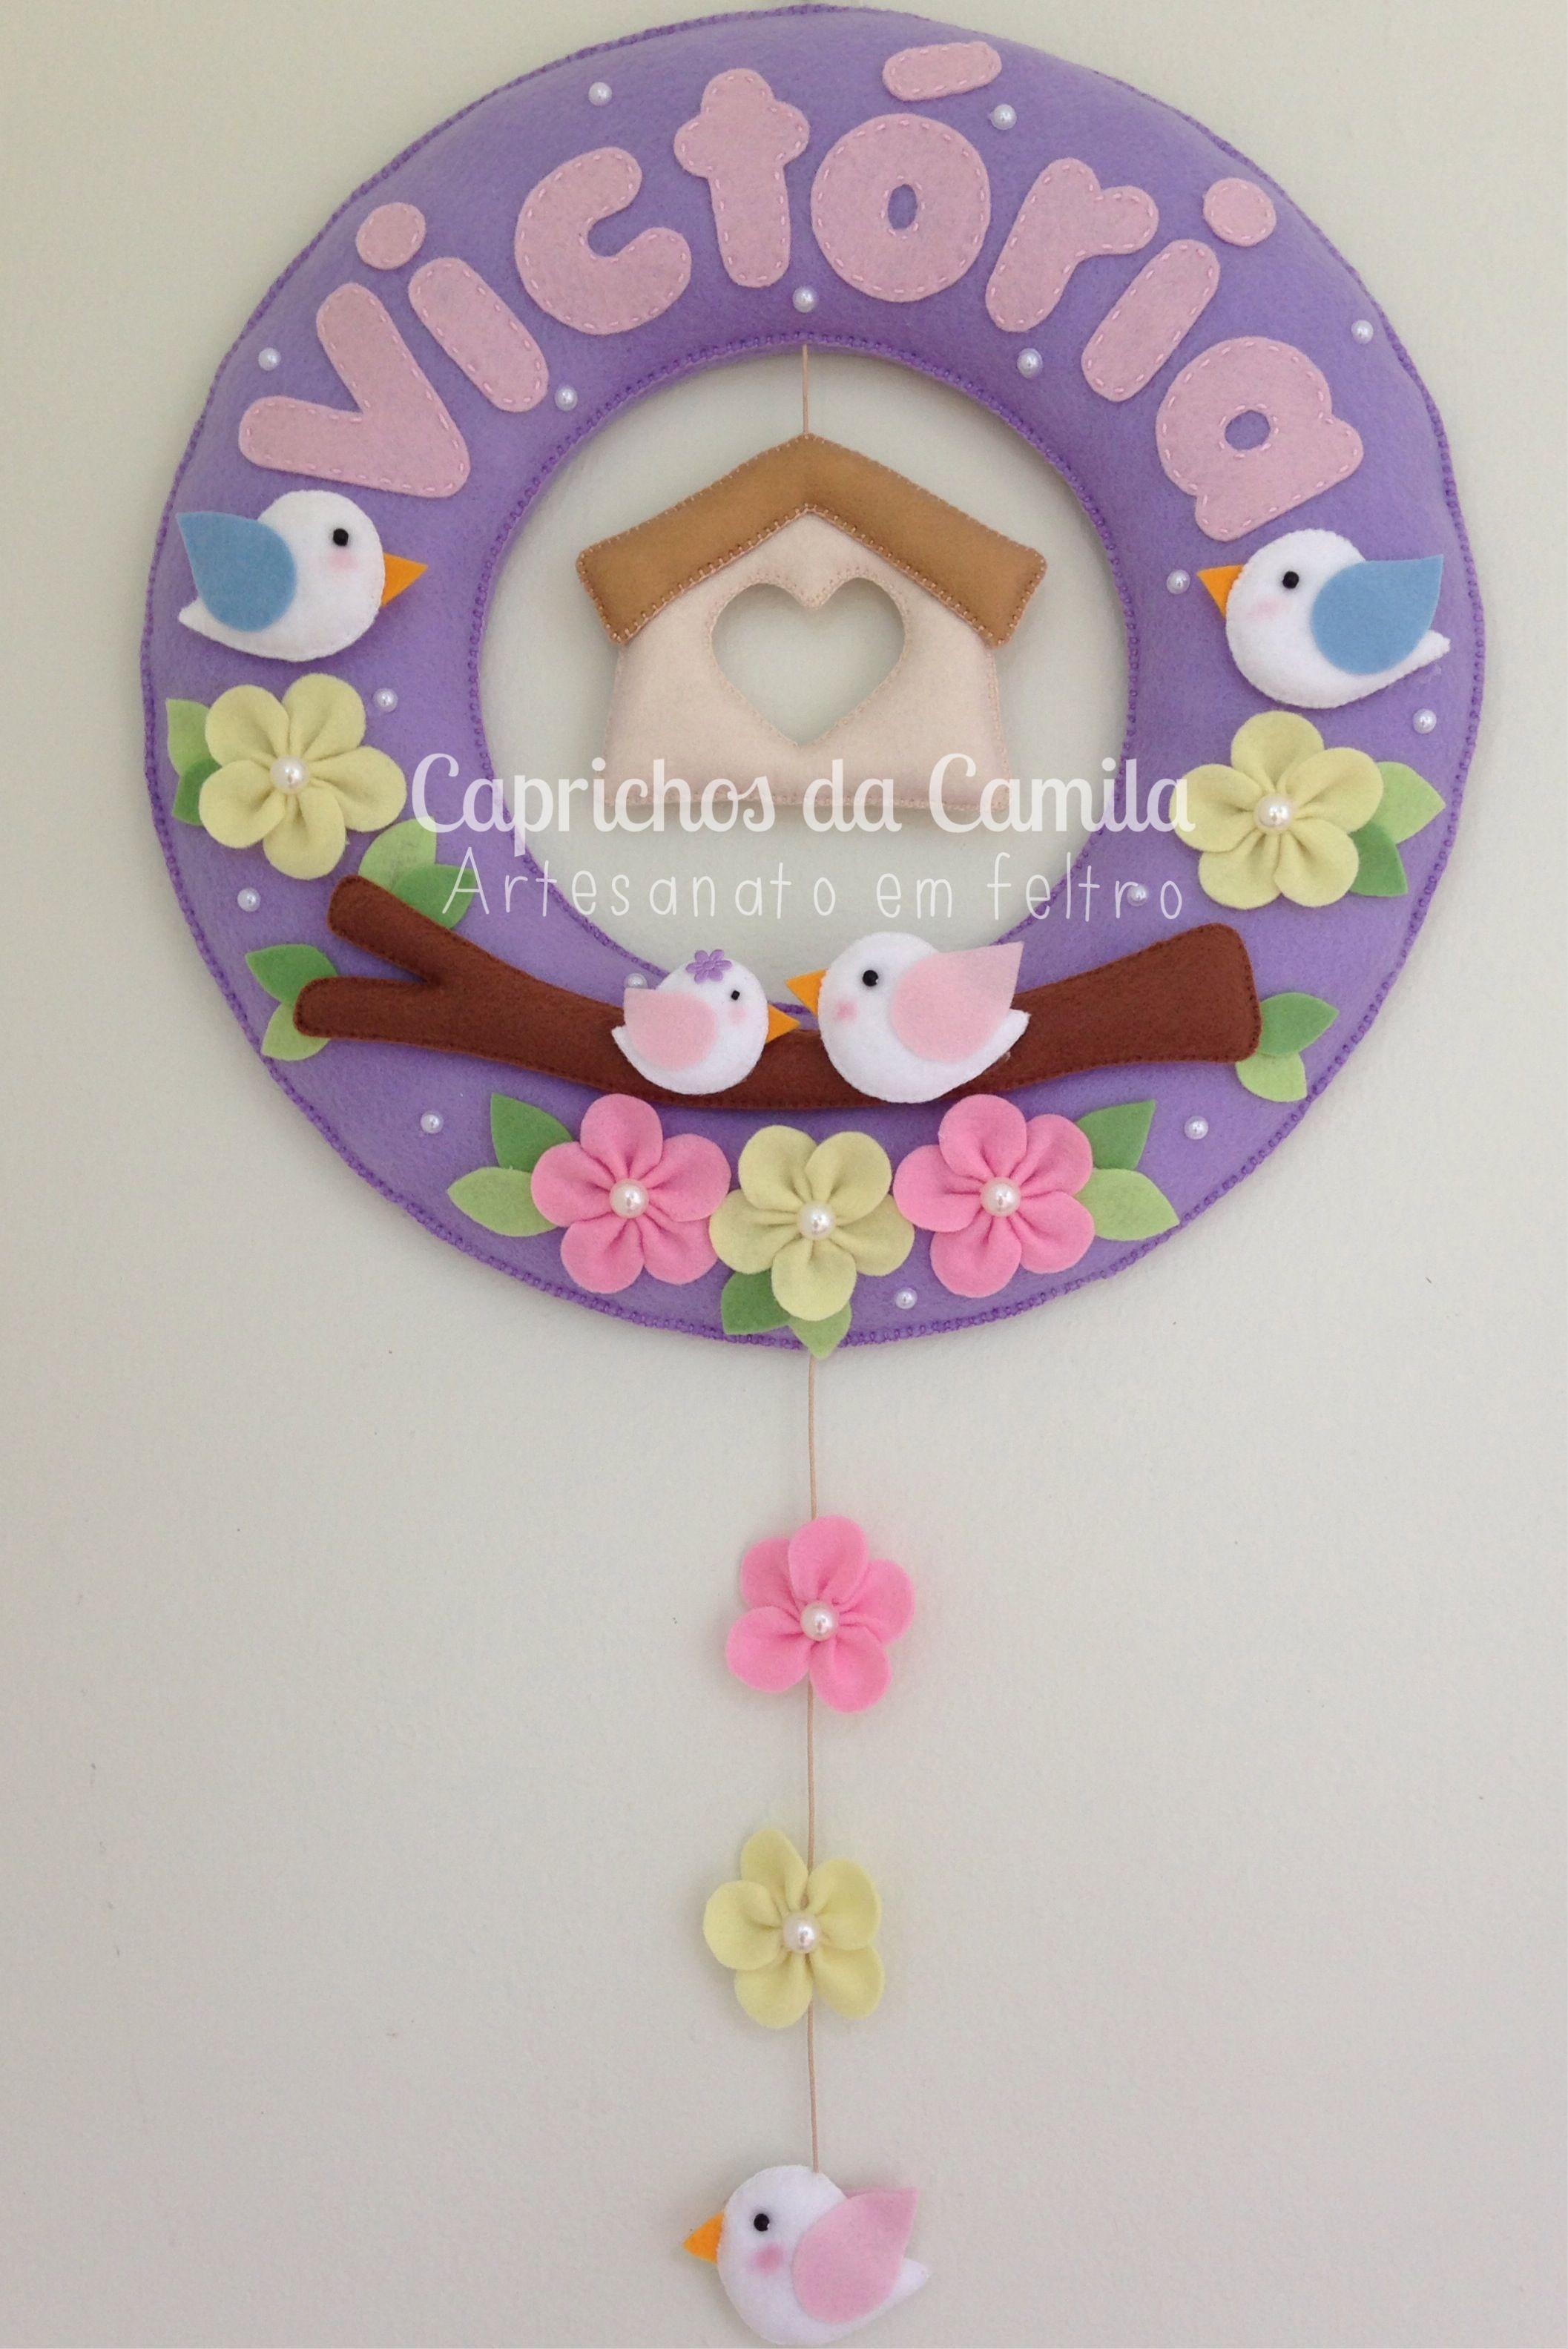 Enfeite de porta maternidade casinha de passarinho menina. Orçamento por e-mail: caprichosdacamila@gmail.com ou inbox no facebook: Caprichos da Camila